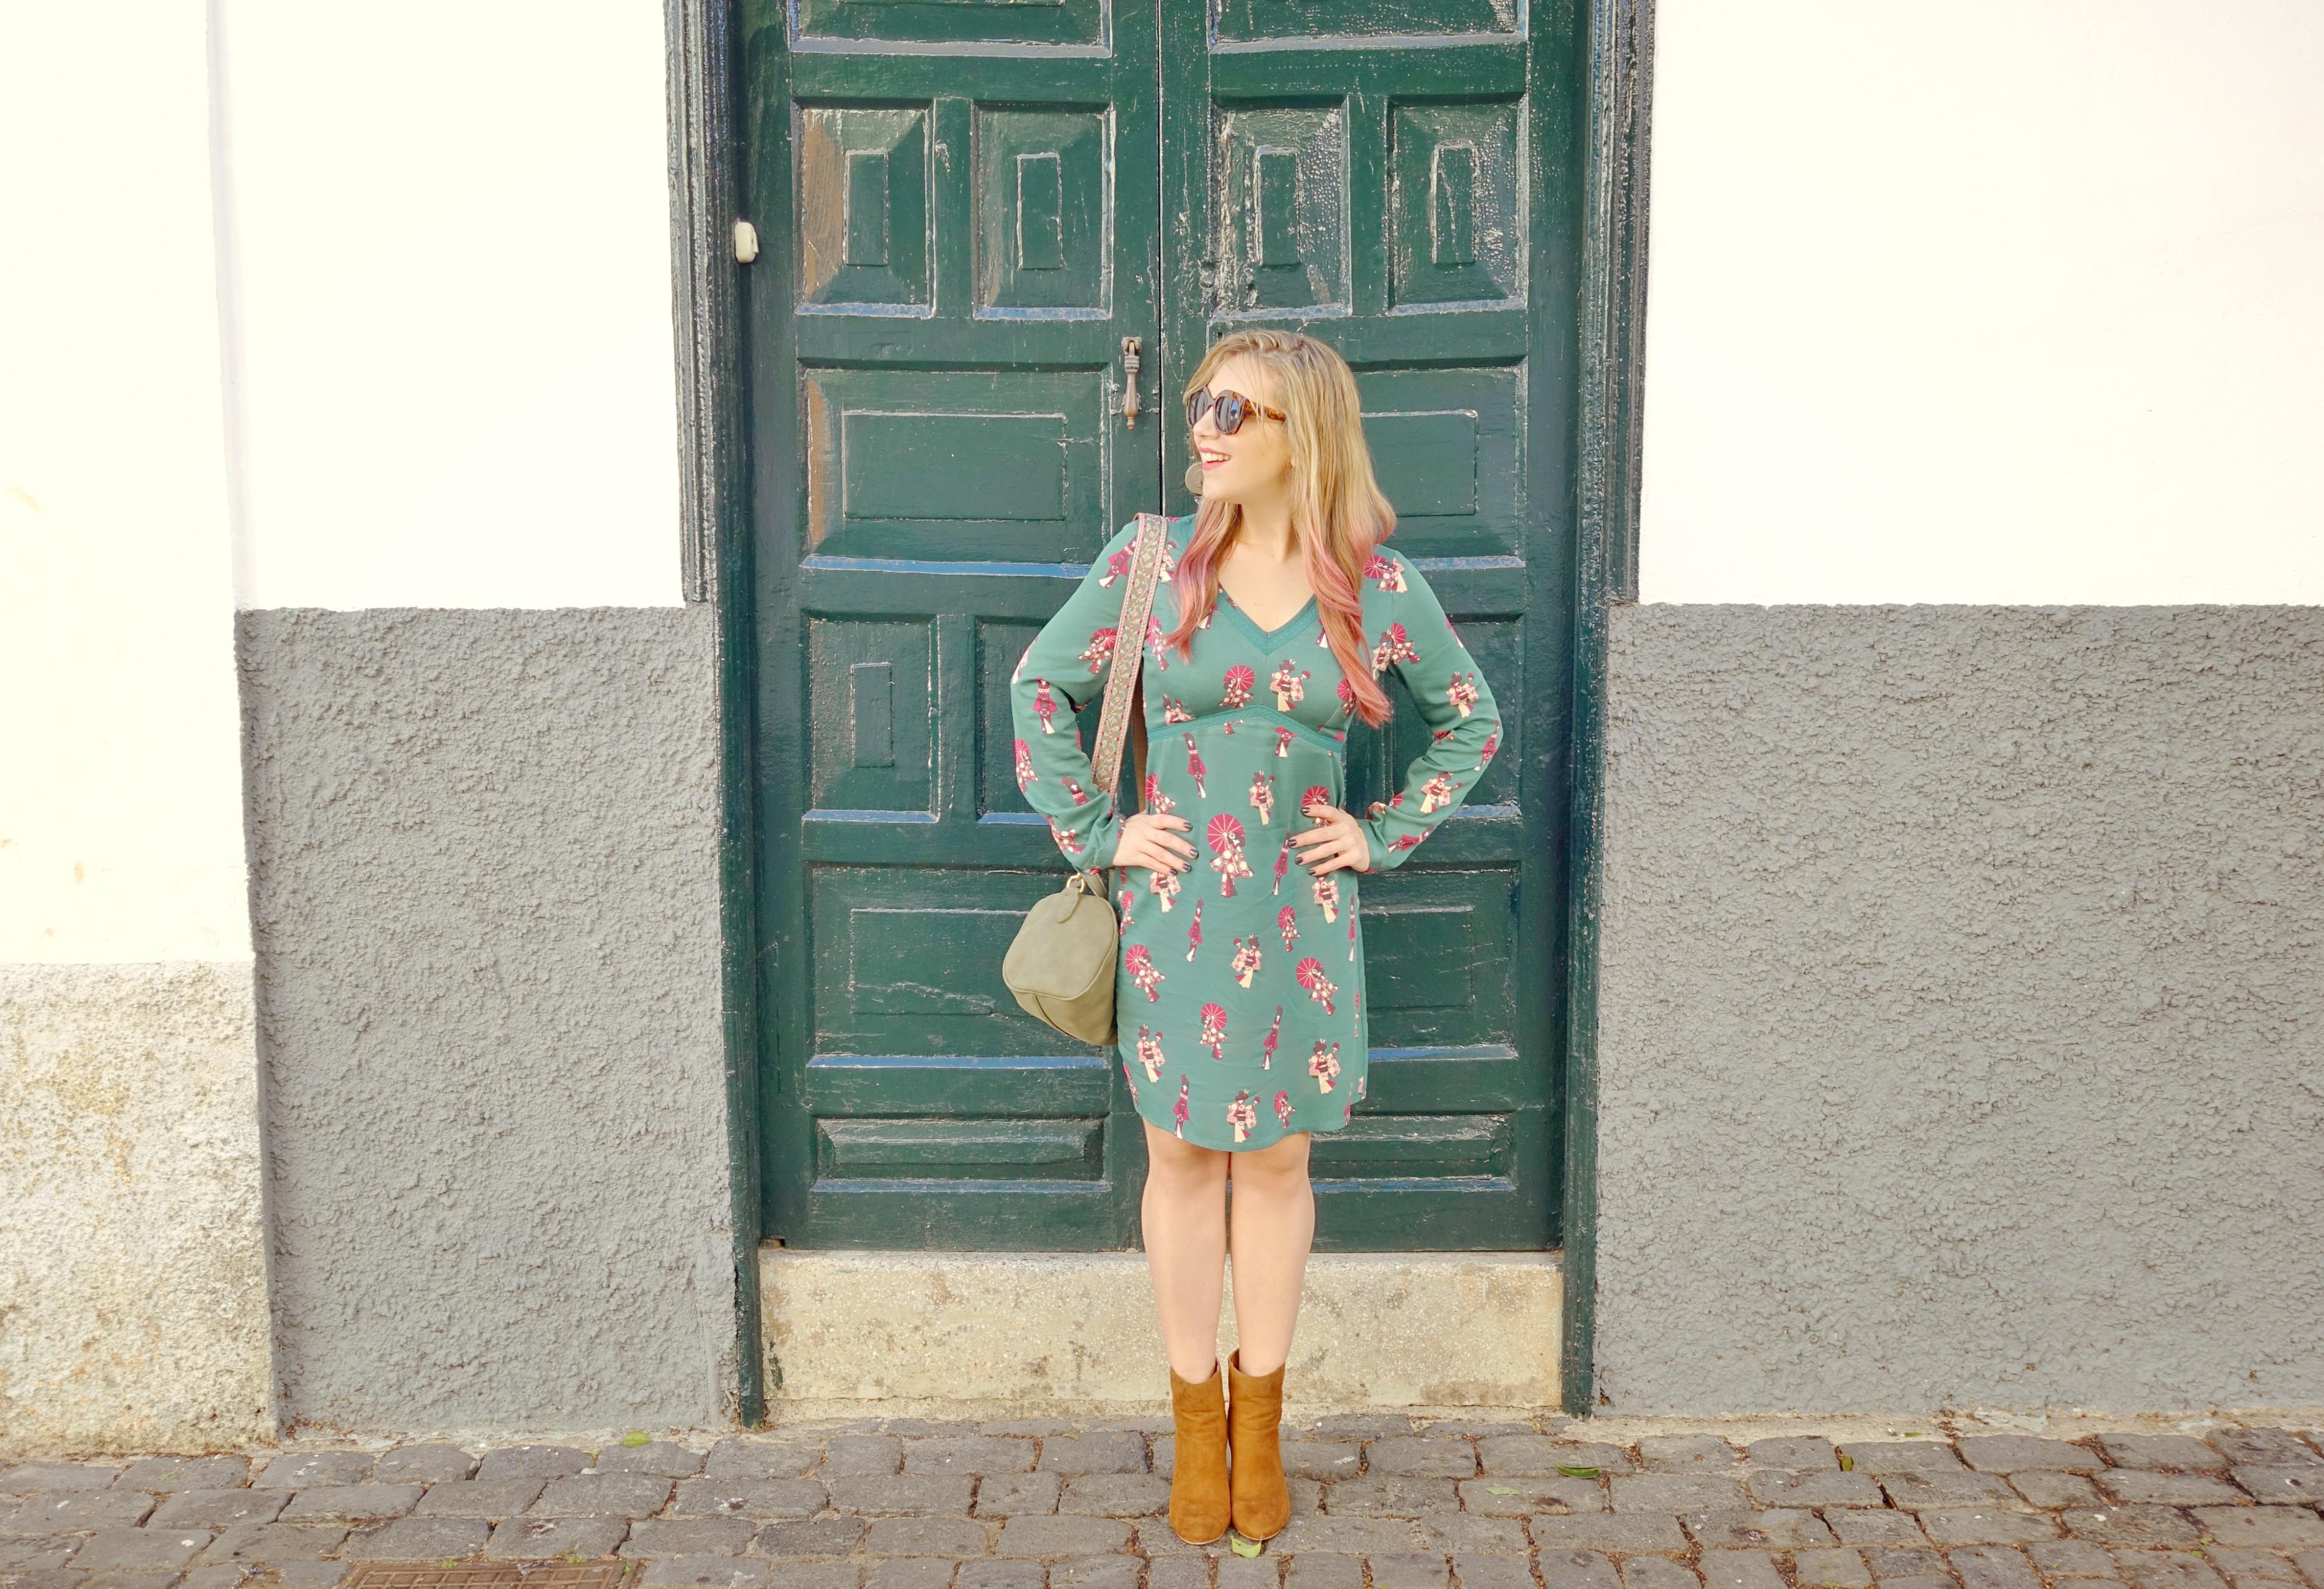 Vestidos-surkana-2017-blog-de-moda-ChicAdicta-influencer-ChicAdicta-vestidos-verdes-look-de-invierno-Tenerife-moda-PiensaenChic-Piensa-en-Chic